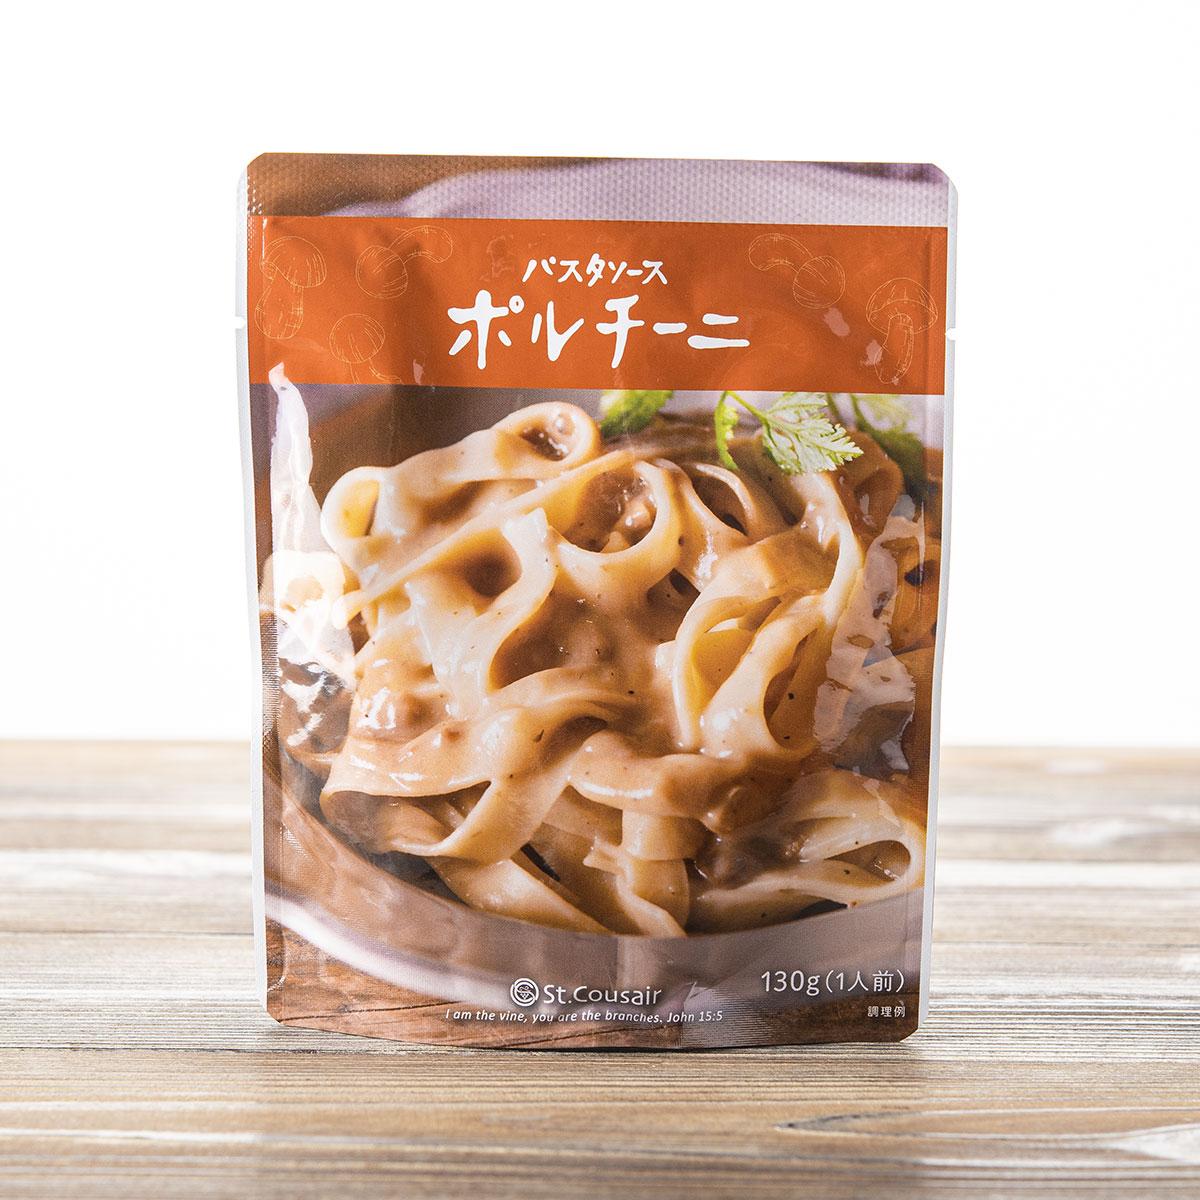 ベシャメルソースをベースにポルチーニ茸が豊かに香る贅沢なソースです パスタソース 人気急上昇 ポルチーニ 1人前 メーカー在庫限り品 130g レトルト食品